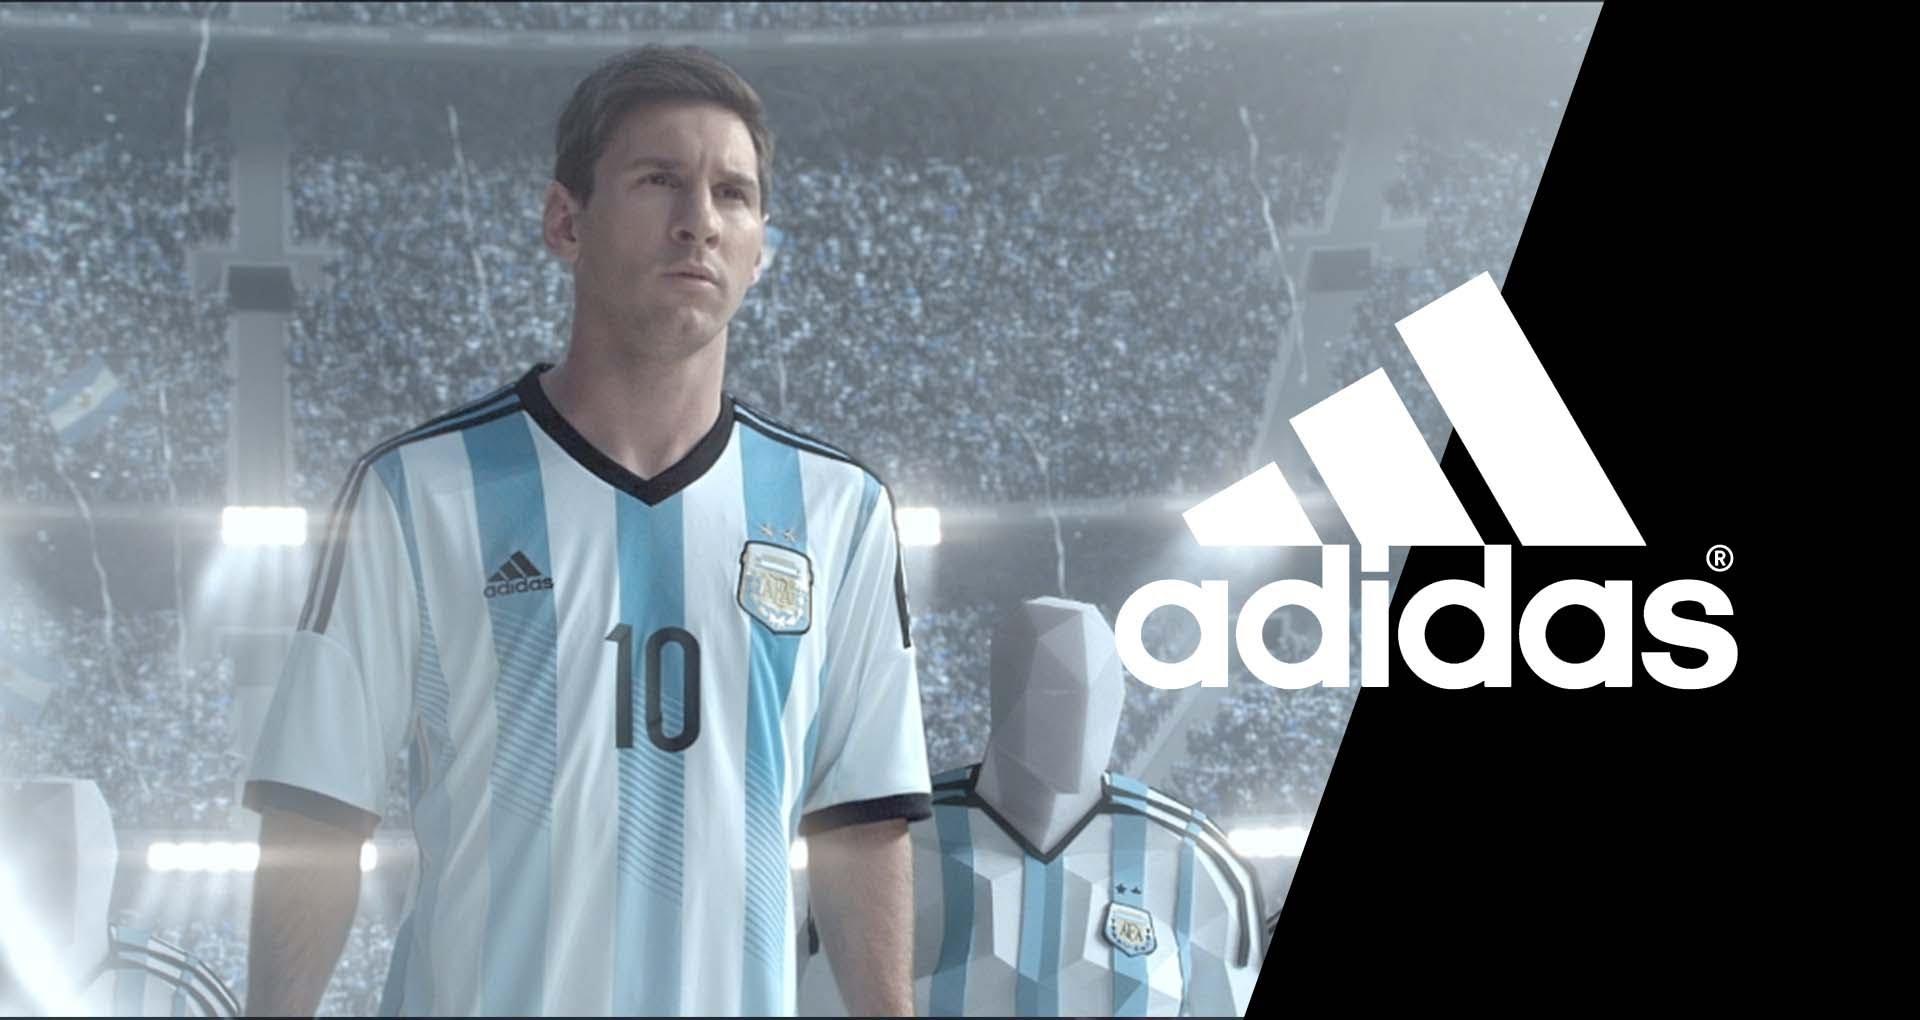 Adidas-ի նոր տեսահոլովակ